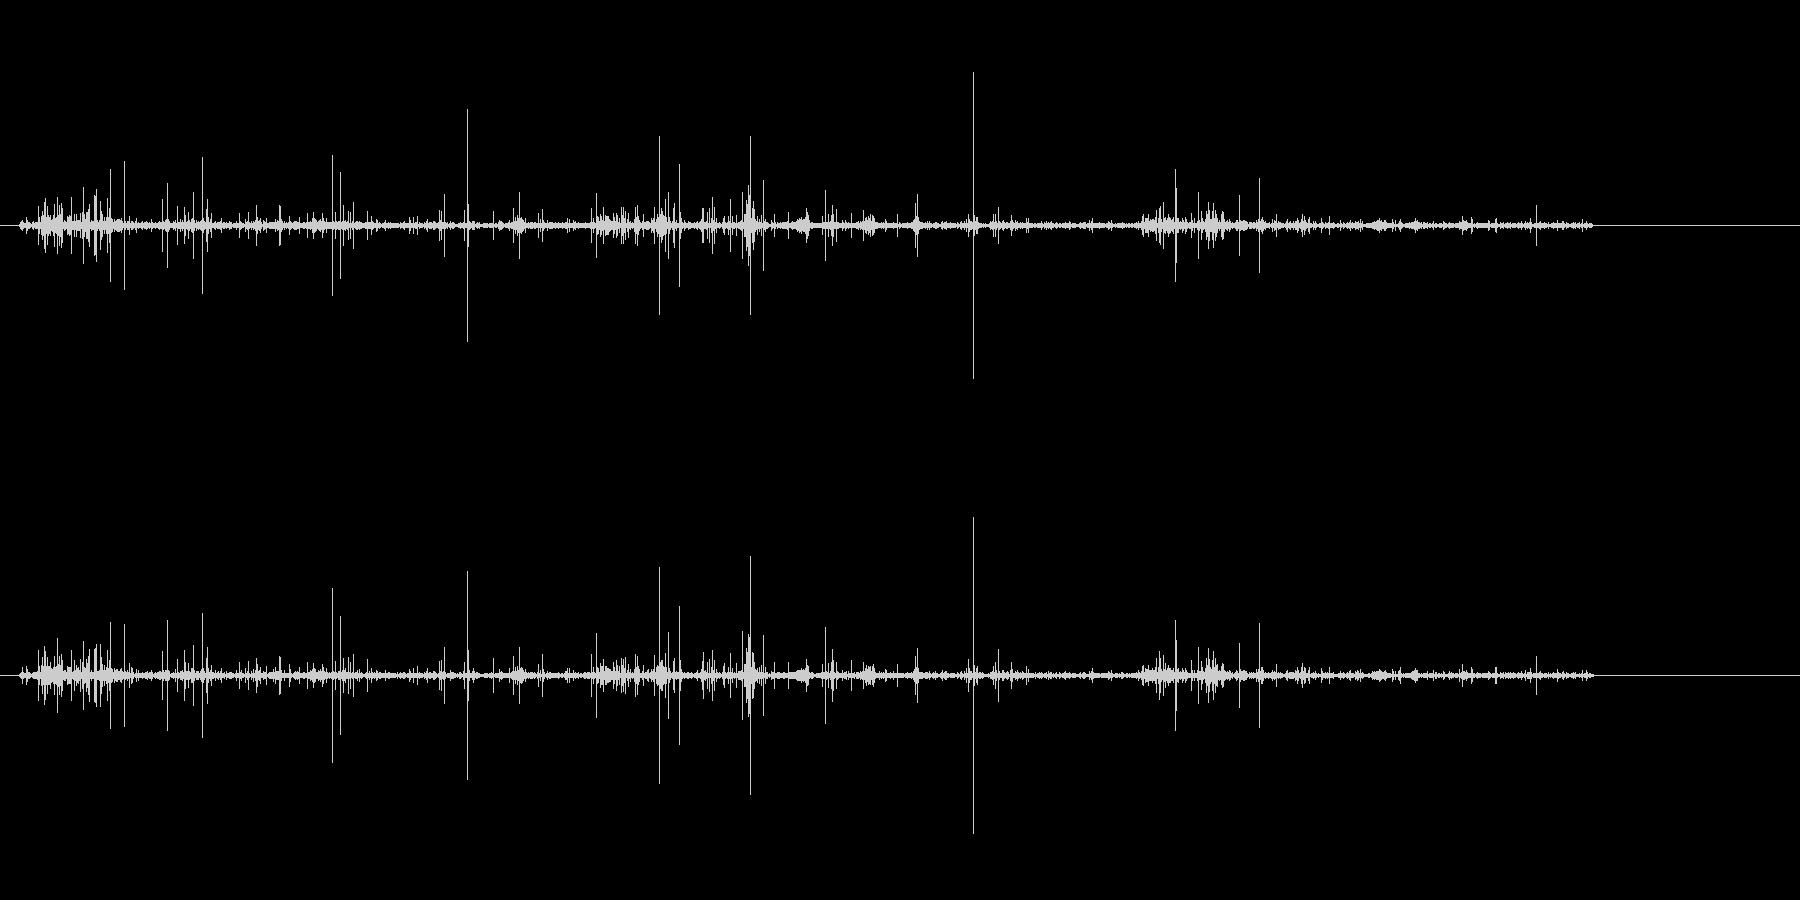 アナログレコードのノイズ音.SEの未再生の波形